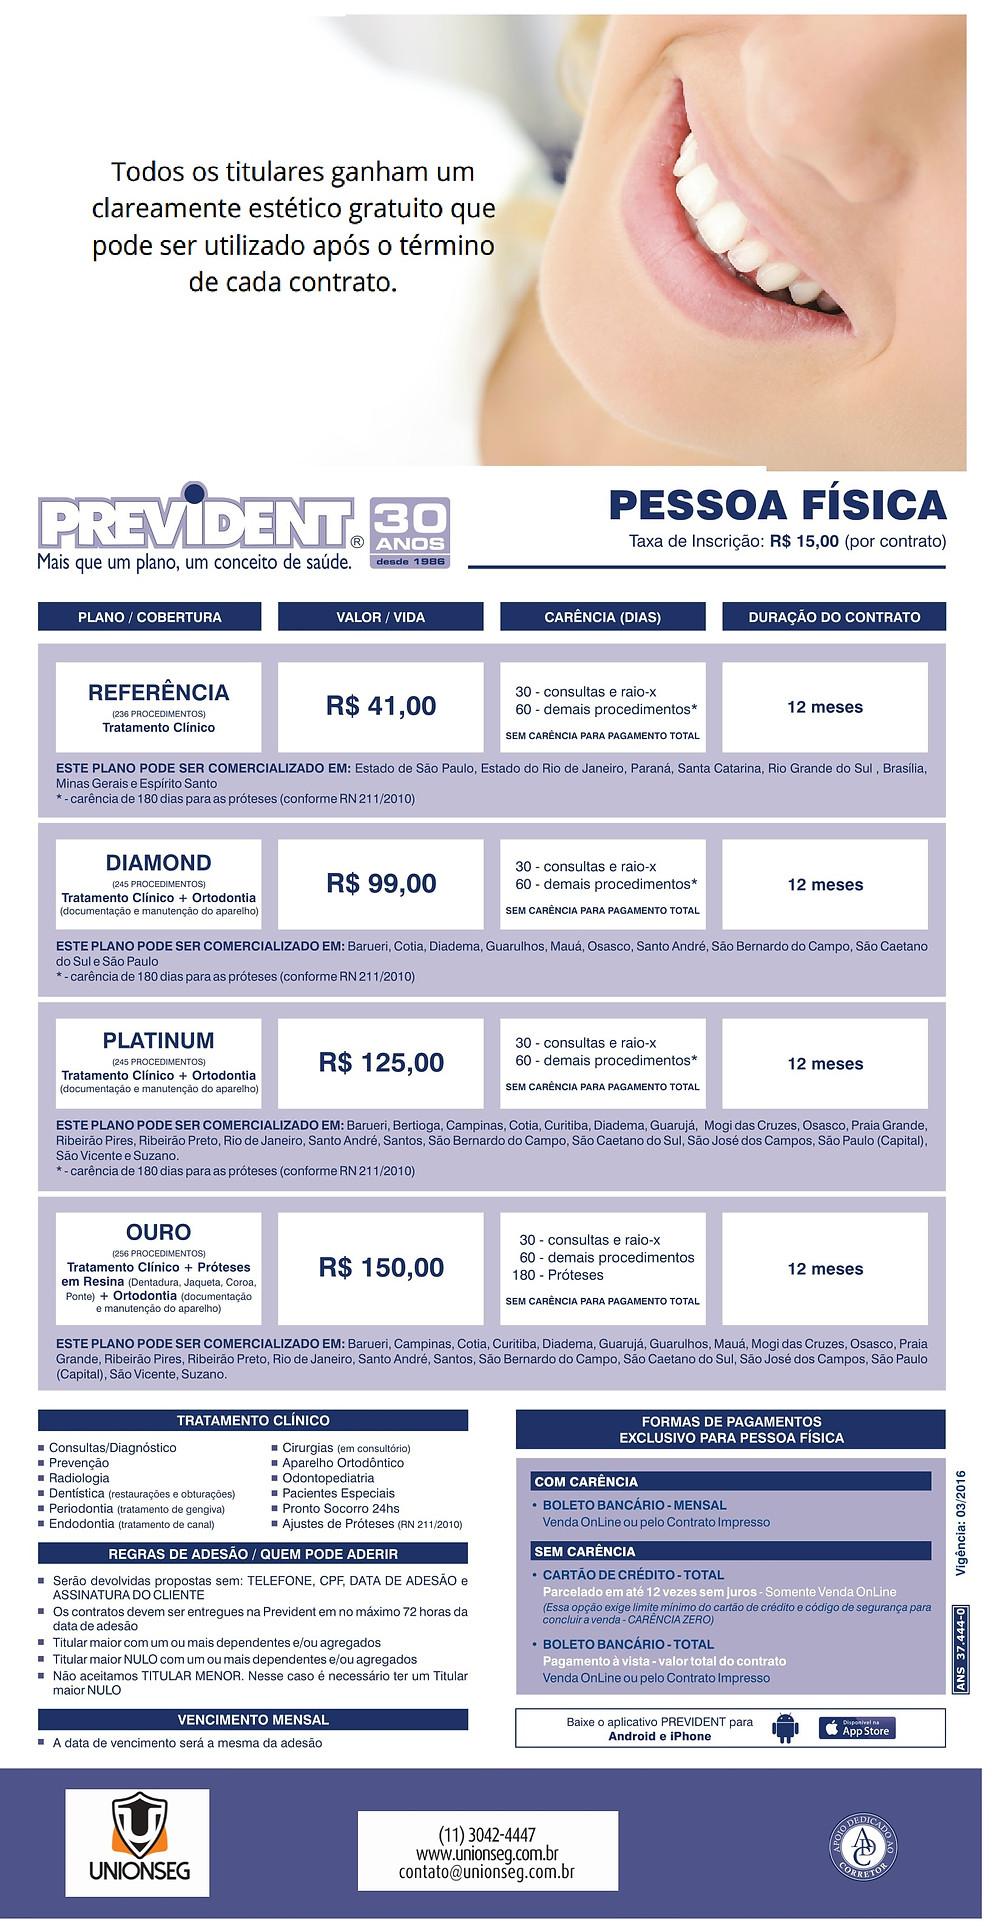 Tabela de Preço Prevident, plano odontologico, odonto empresarial, convênio odontológico, ortodontia,aparelhor ortodôntico, unionseg, corretora de seguros